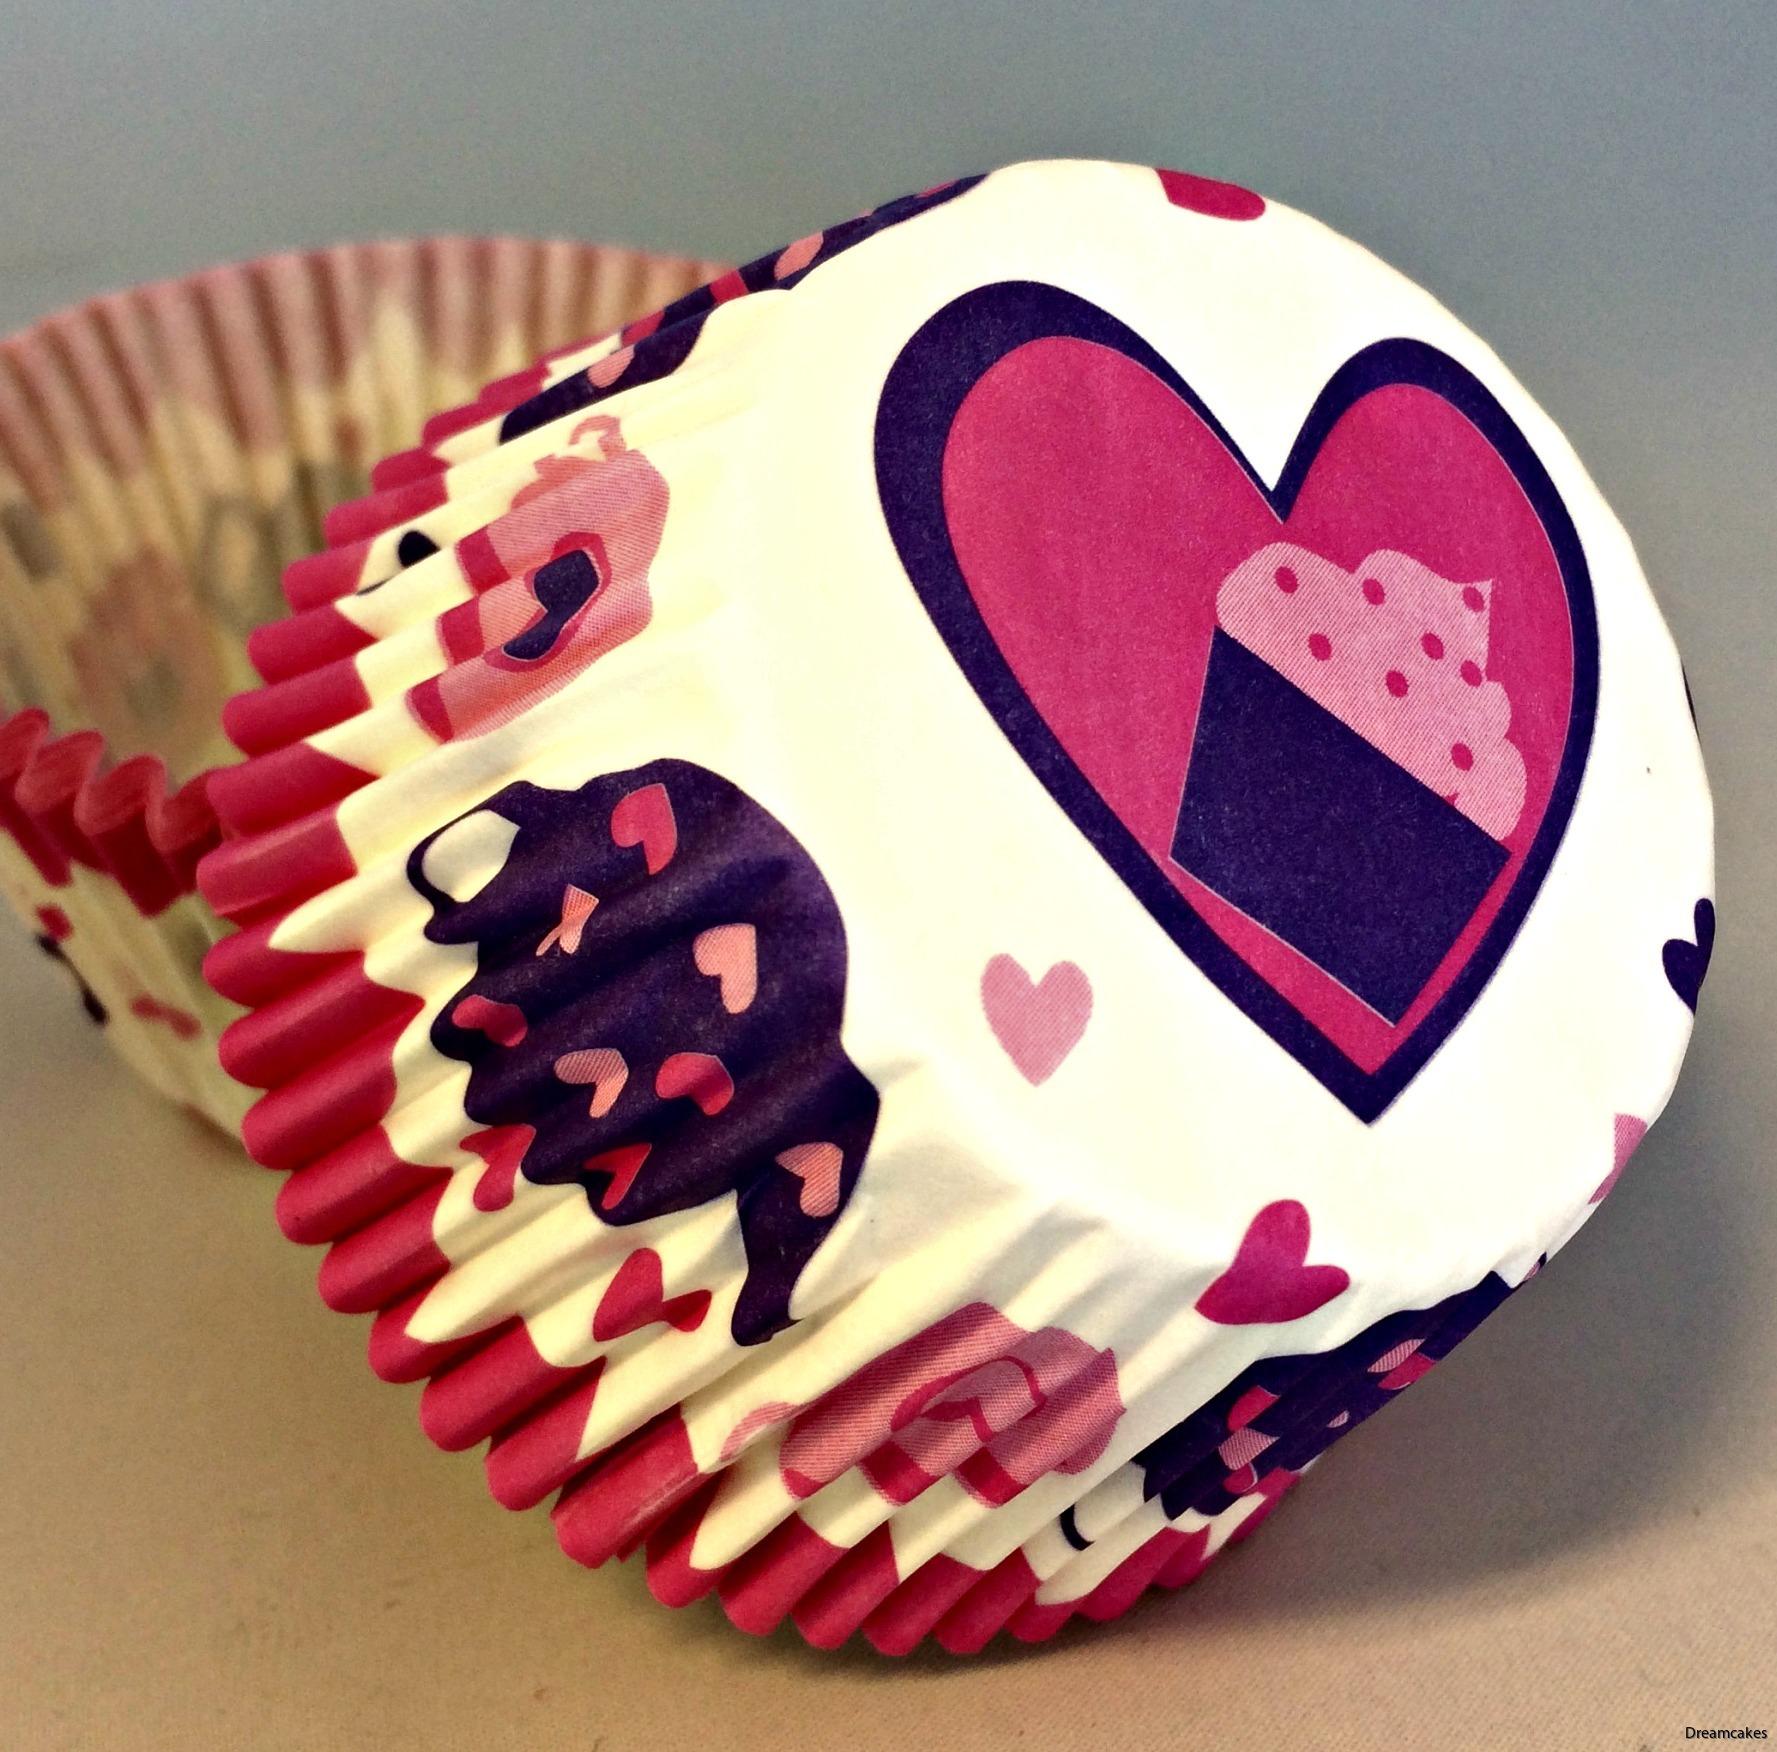 Muffinsform med tekanna, tekopp och cupcakes i hjärta